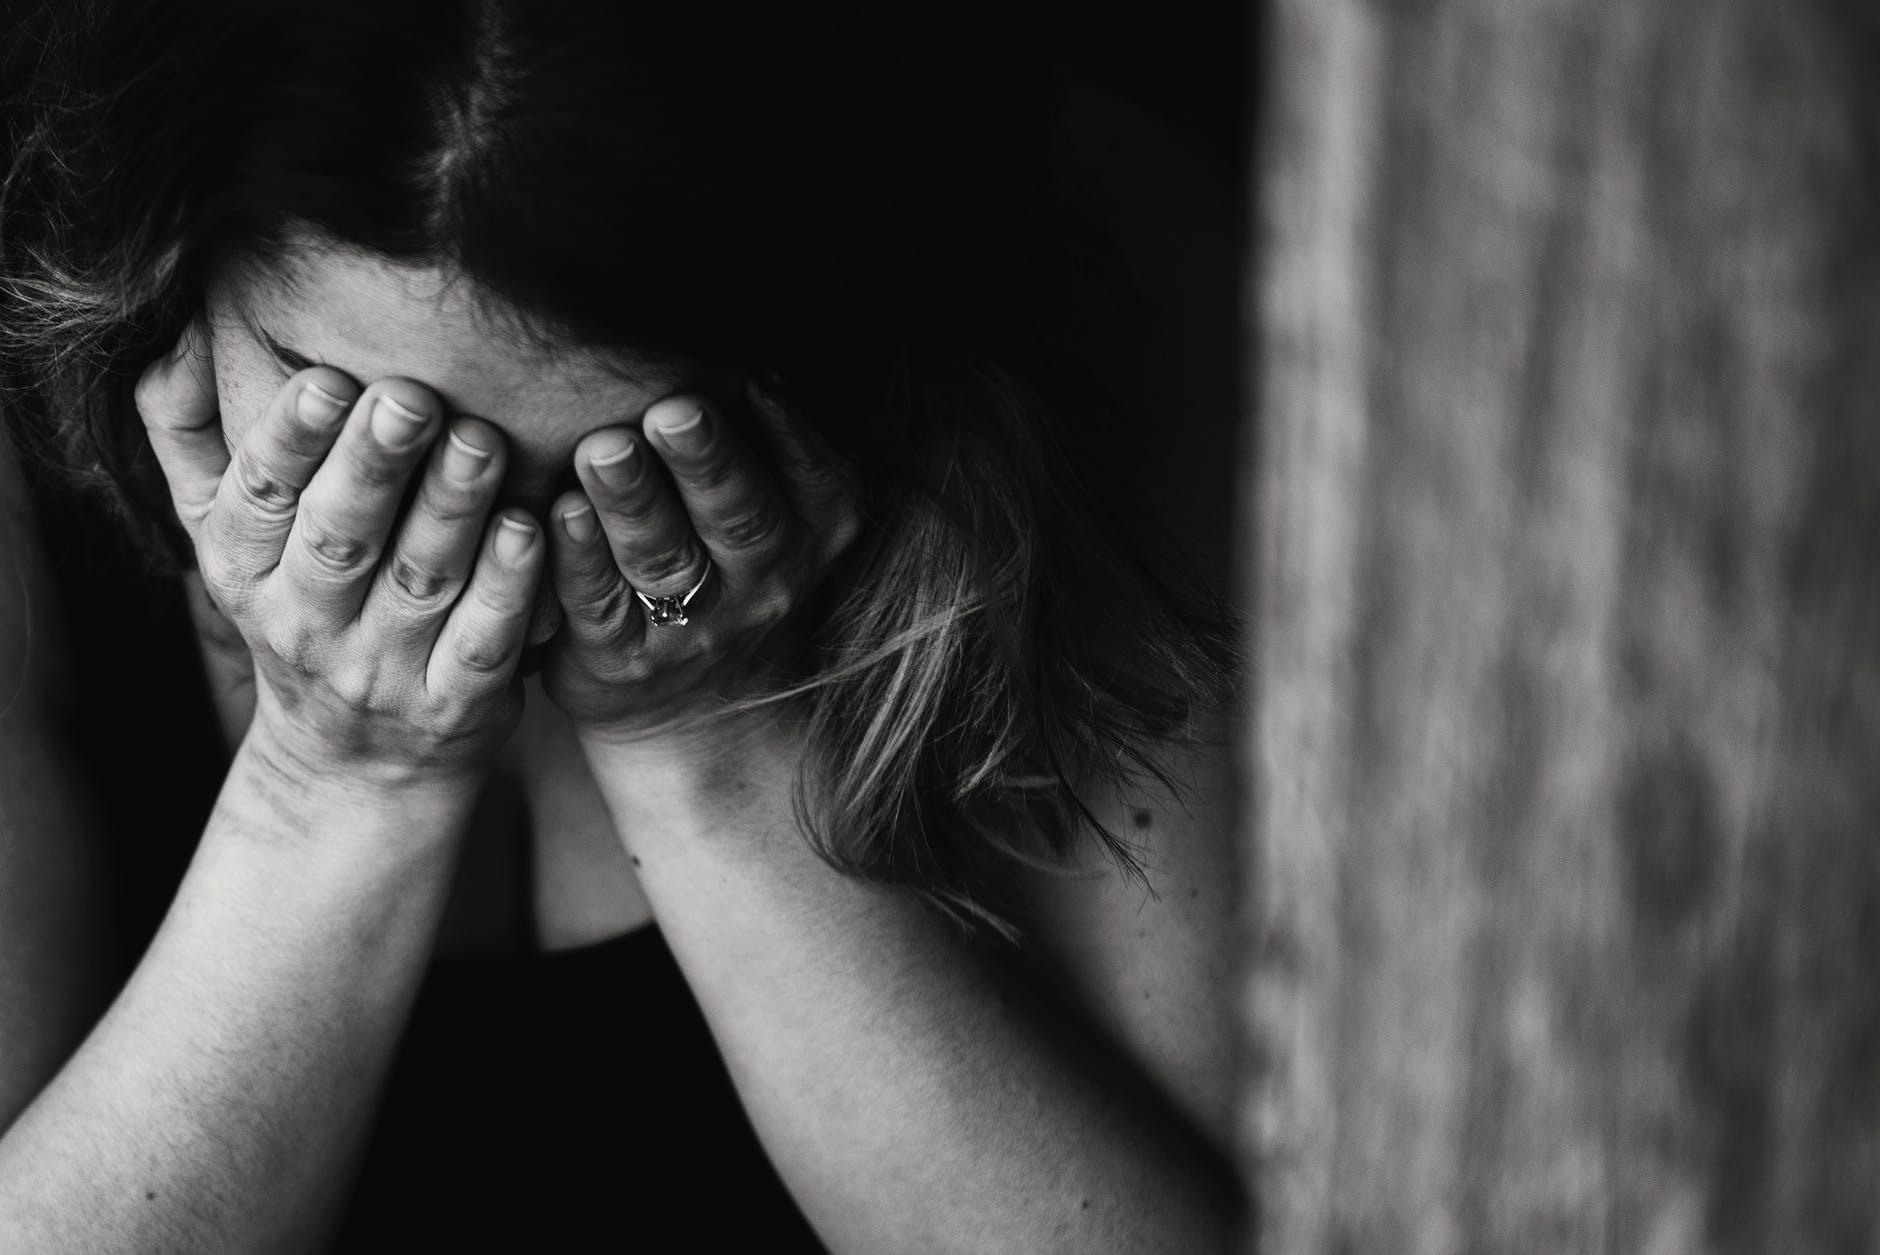 W trakcie stosunku z mężczyzną dołączyło do nich jego 11 kolegów. Wielokrotnie ją gwałcili, ale teraz to 19-latka stanie przed sądem